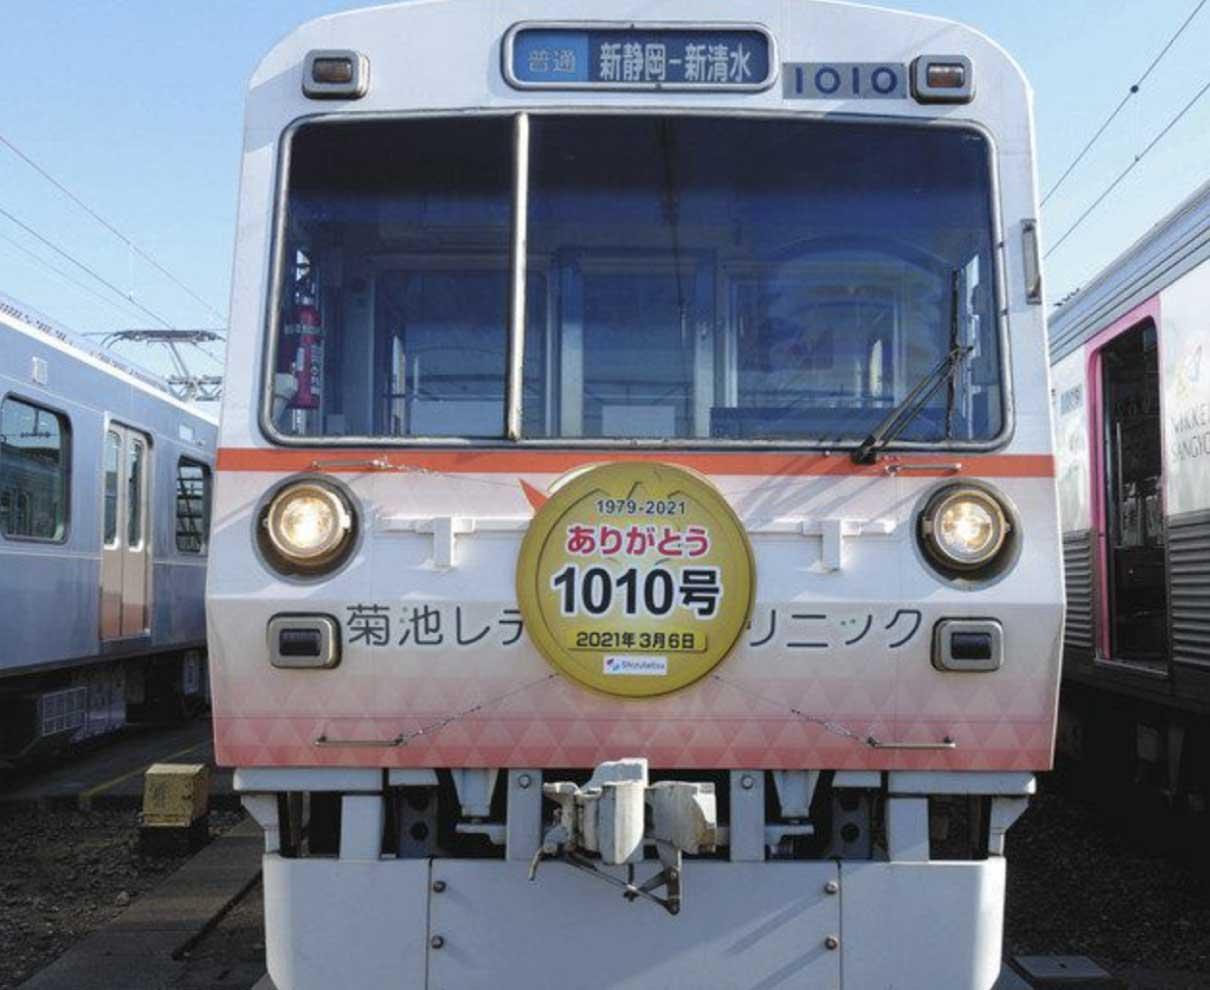 静鉄車両が「きょうりゅう電車」に えち鉄へ2両譲渡